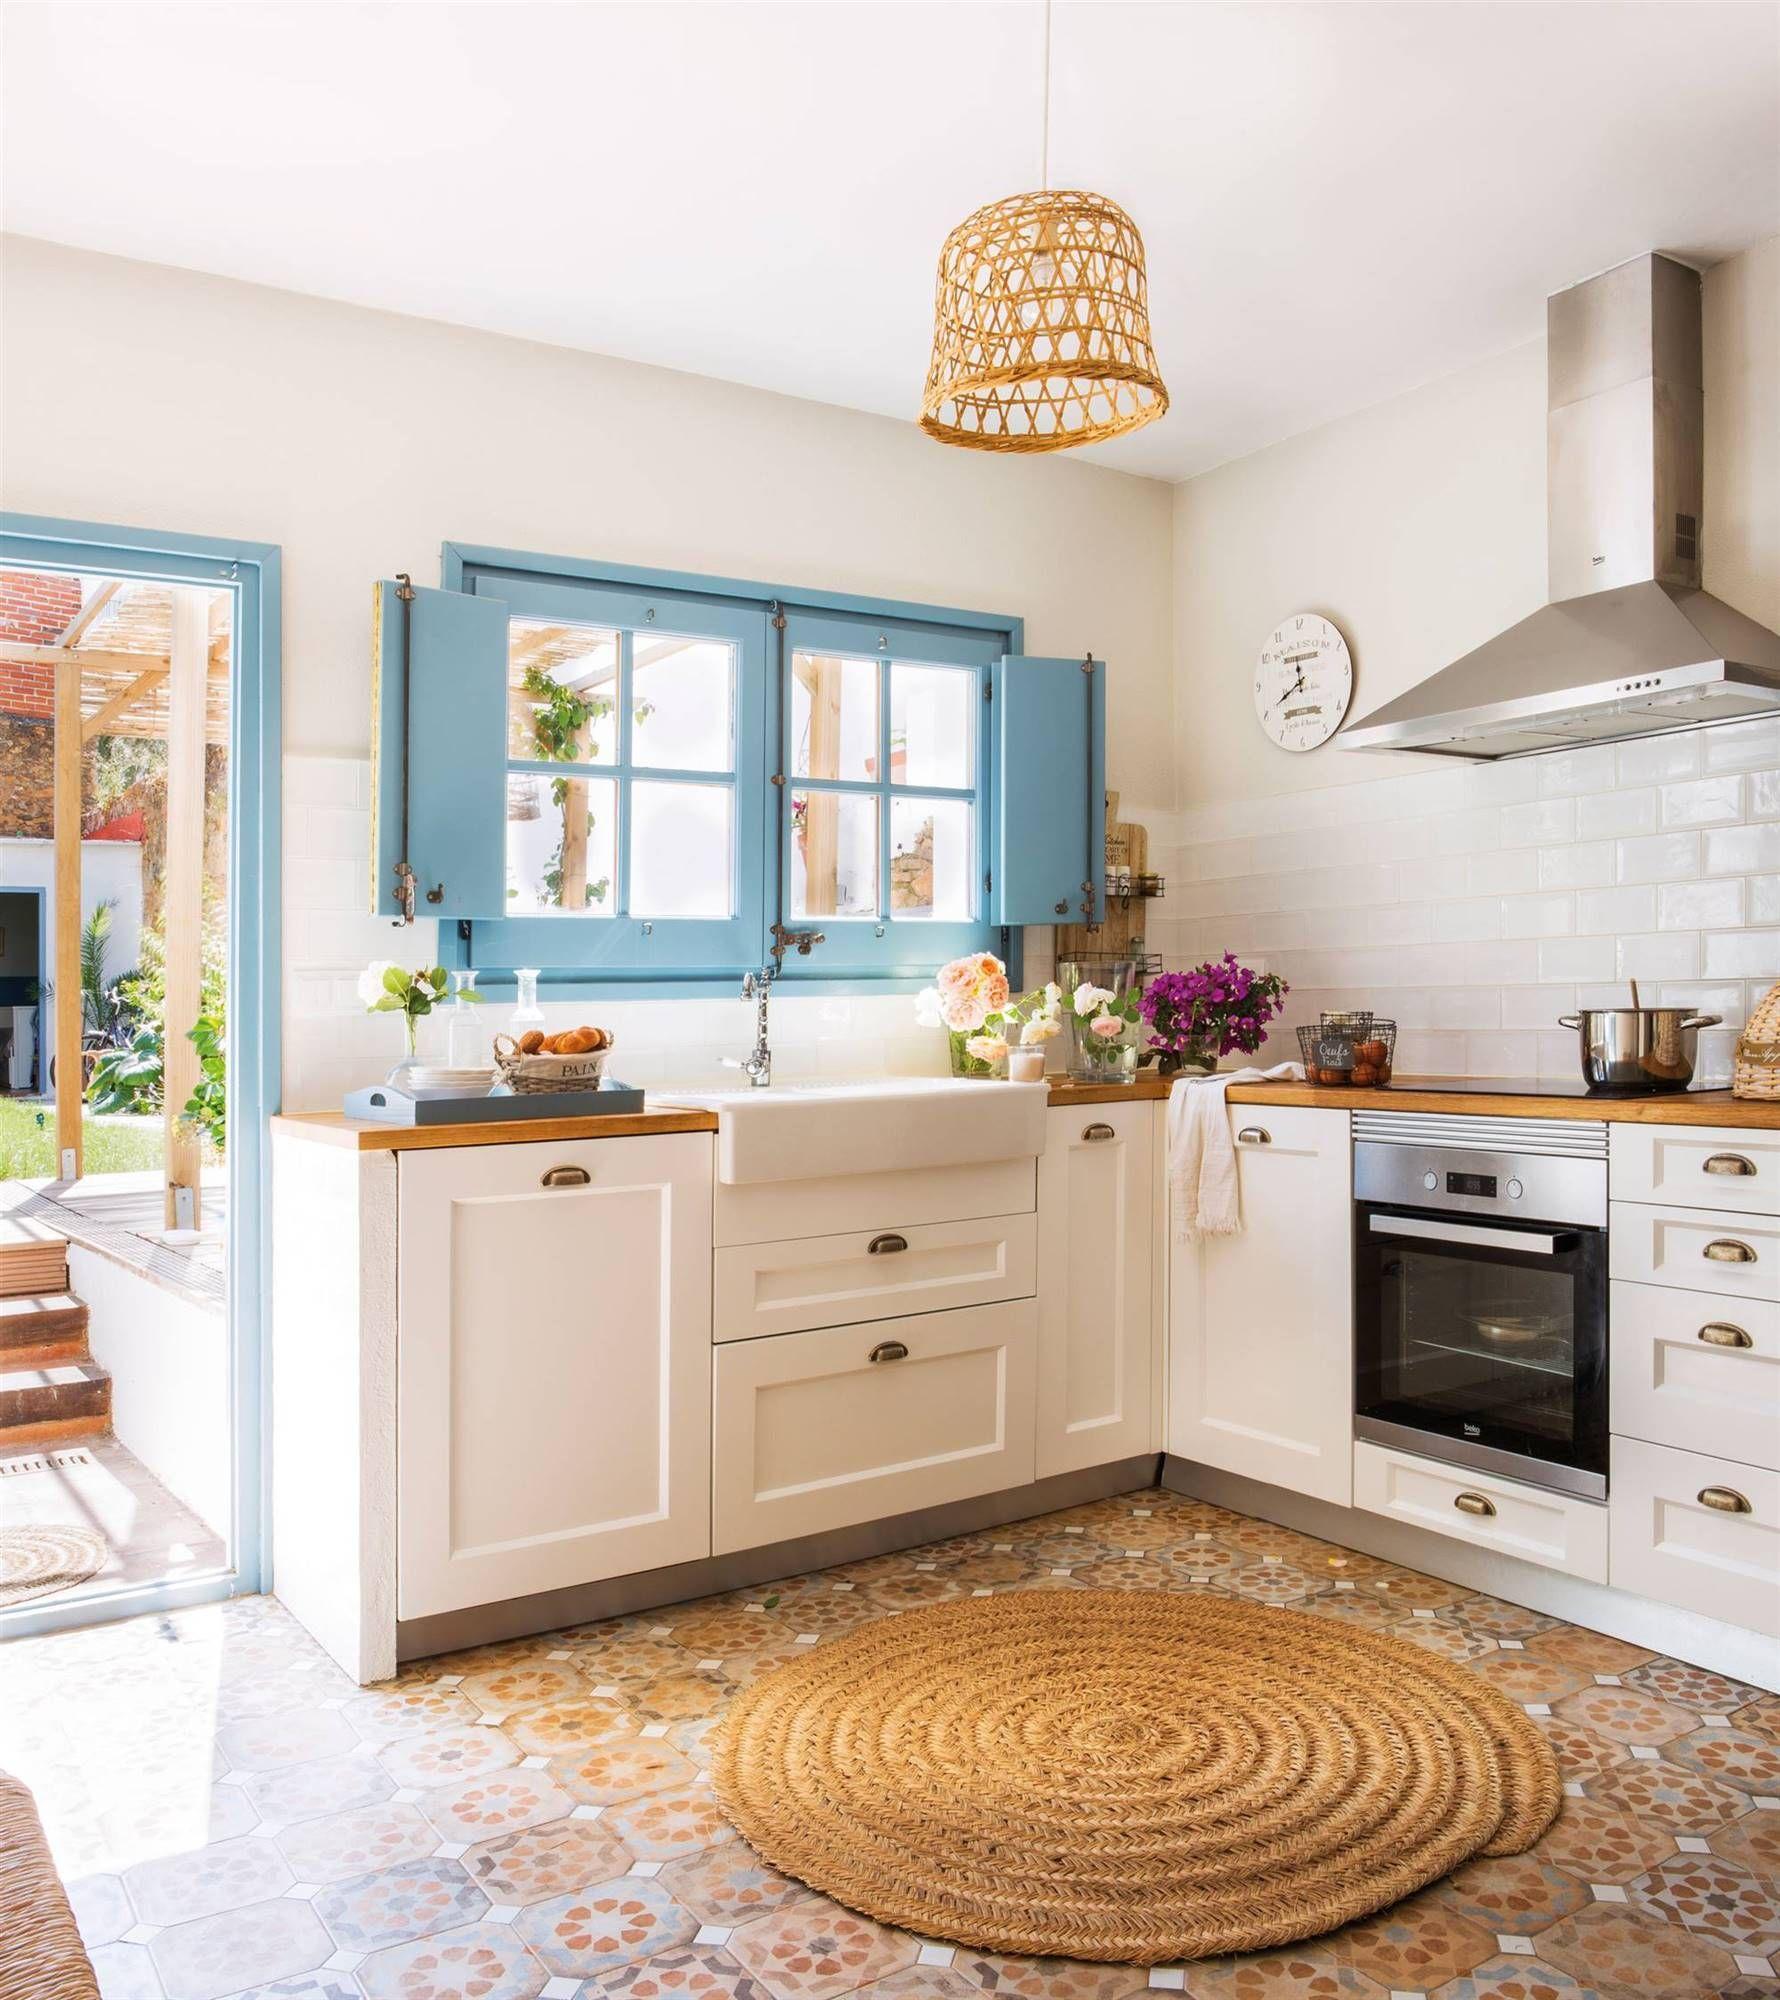 Espacios abiertos  Cocinas casa de campo, Cocinas de casa